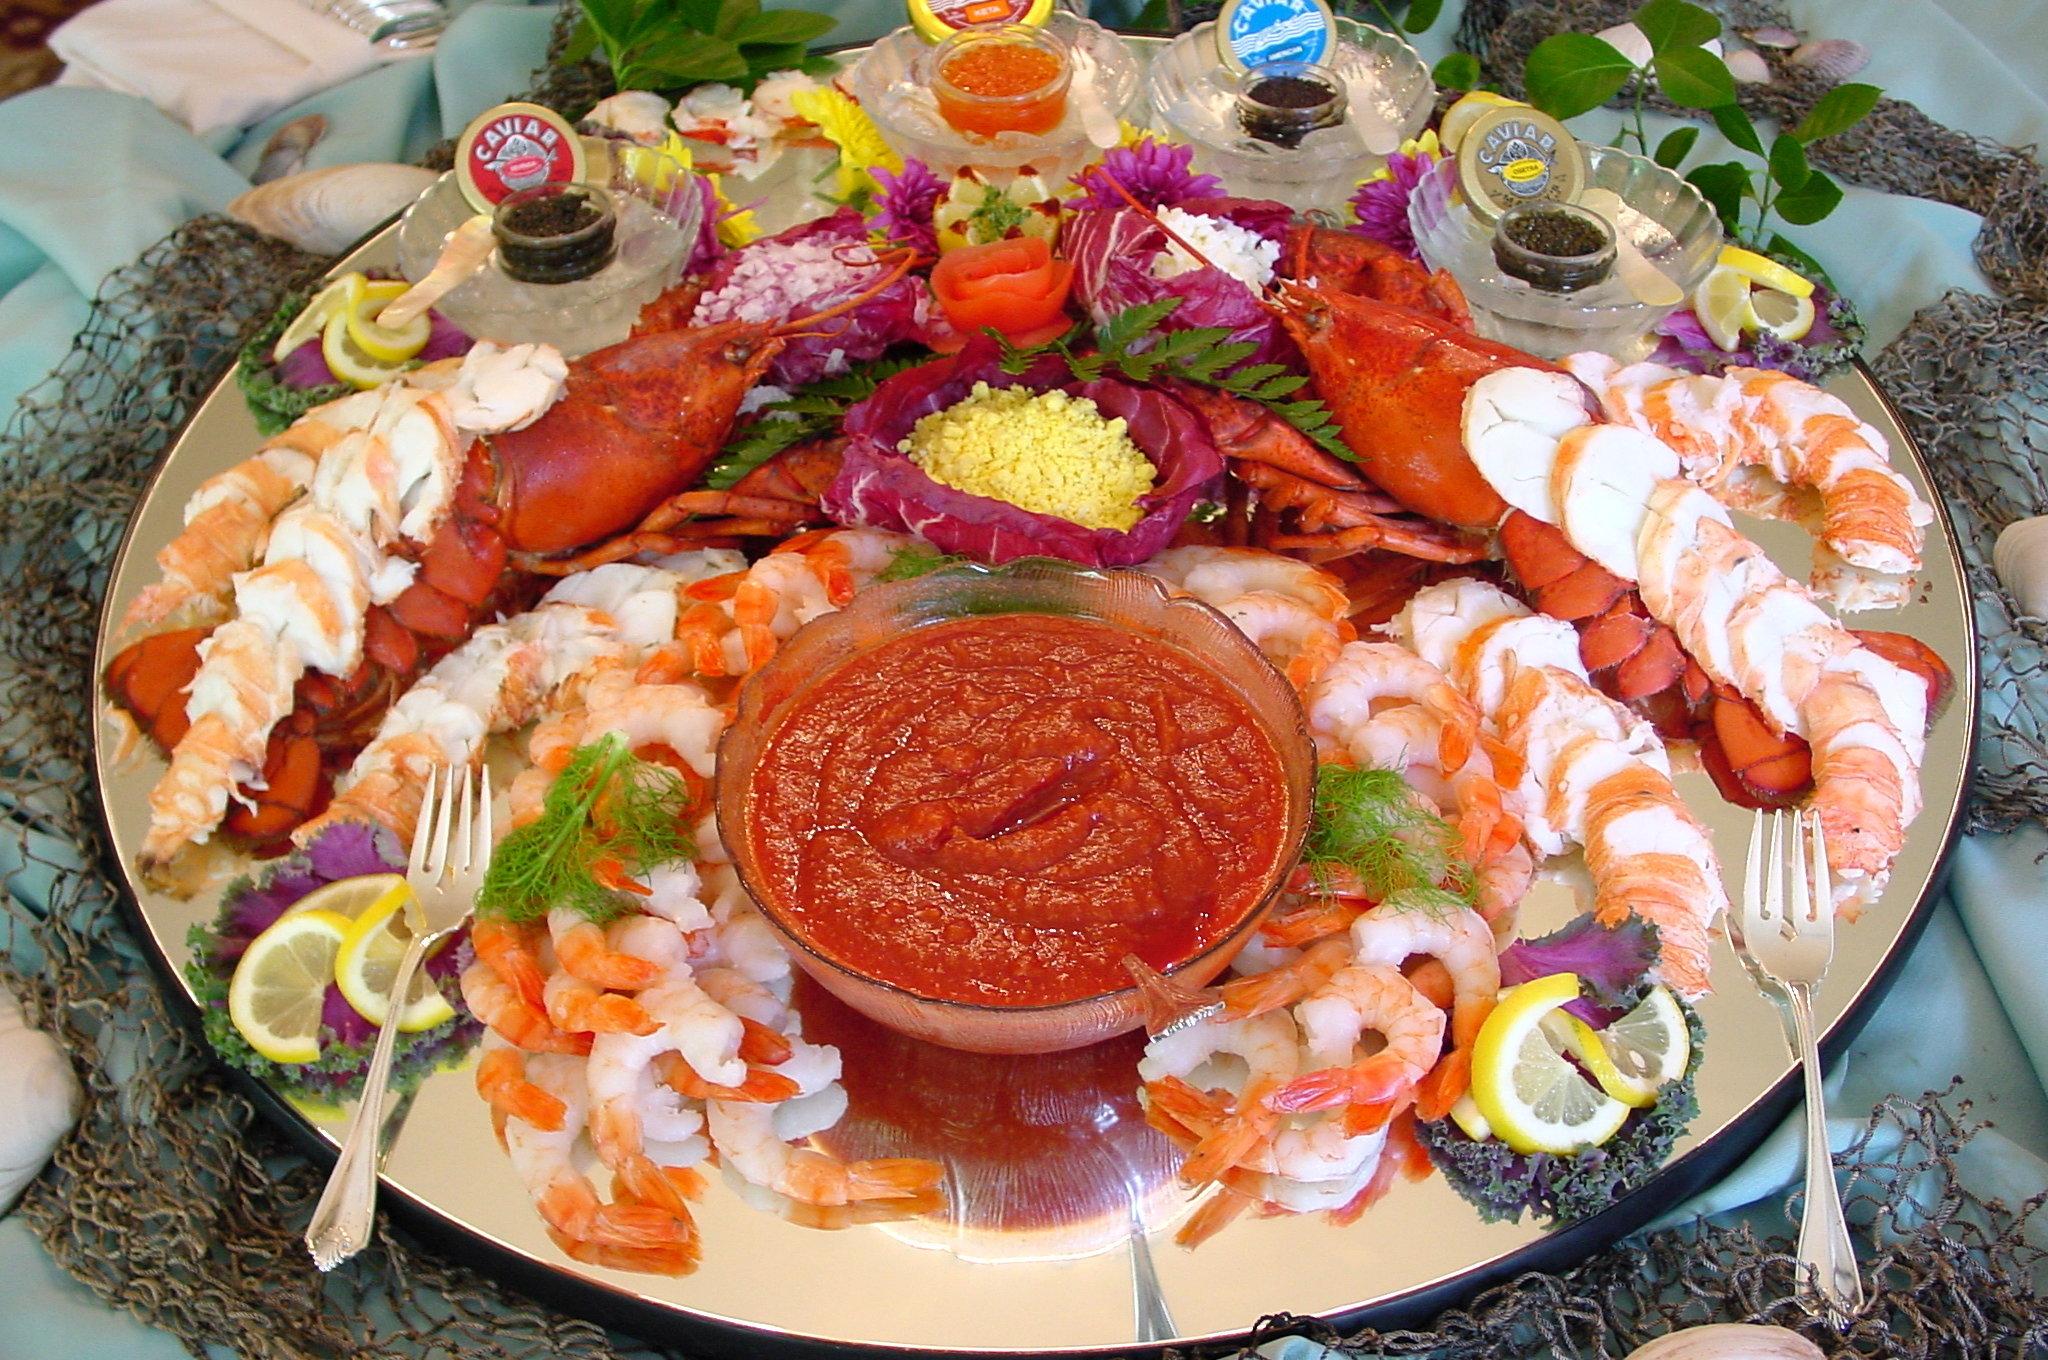 Top: Los mejores lugares para comer mariscos en CDMX - MXCity   Guía ...